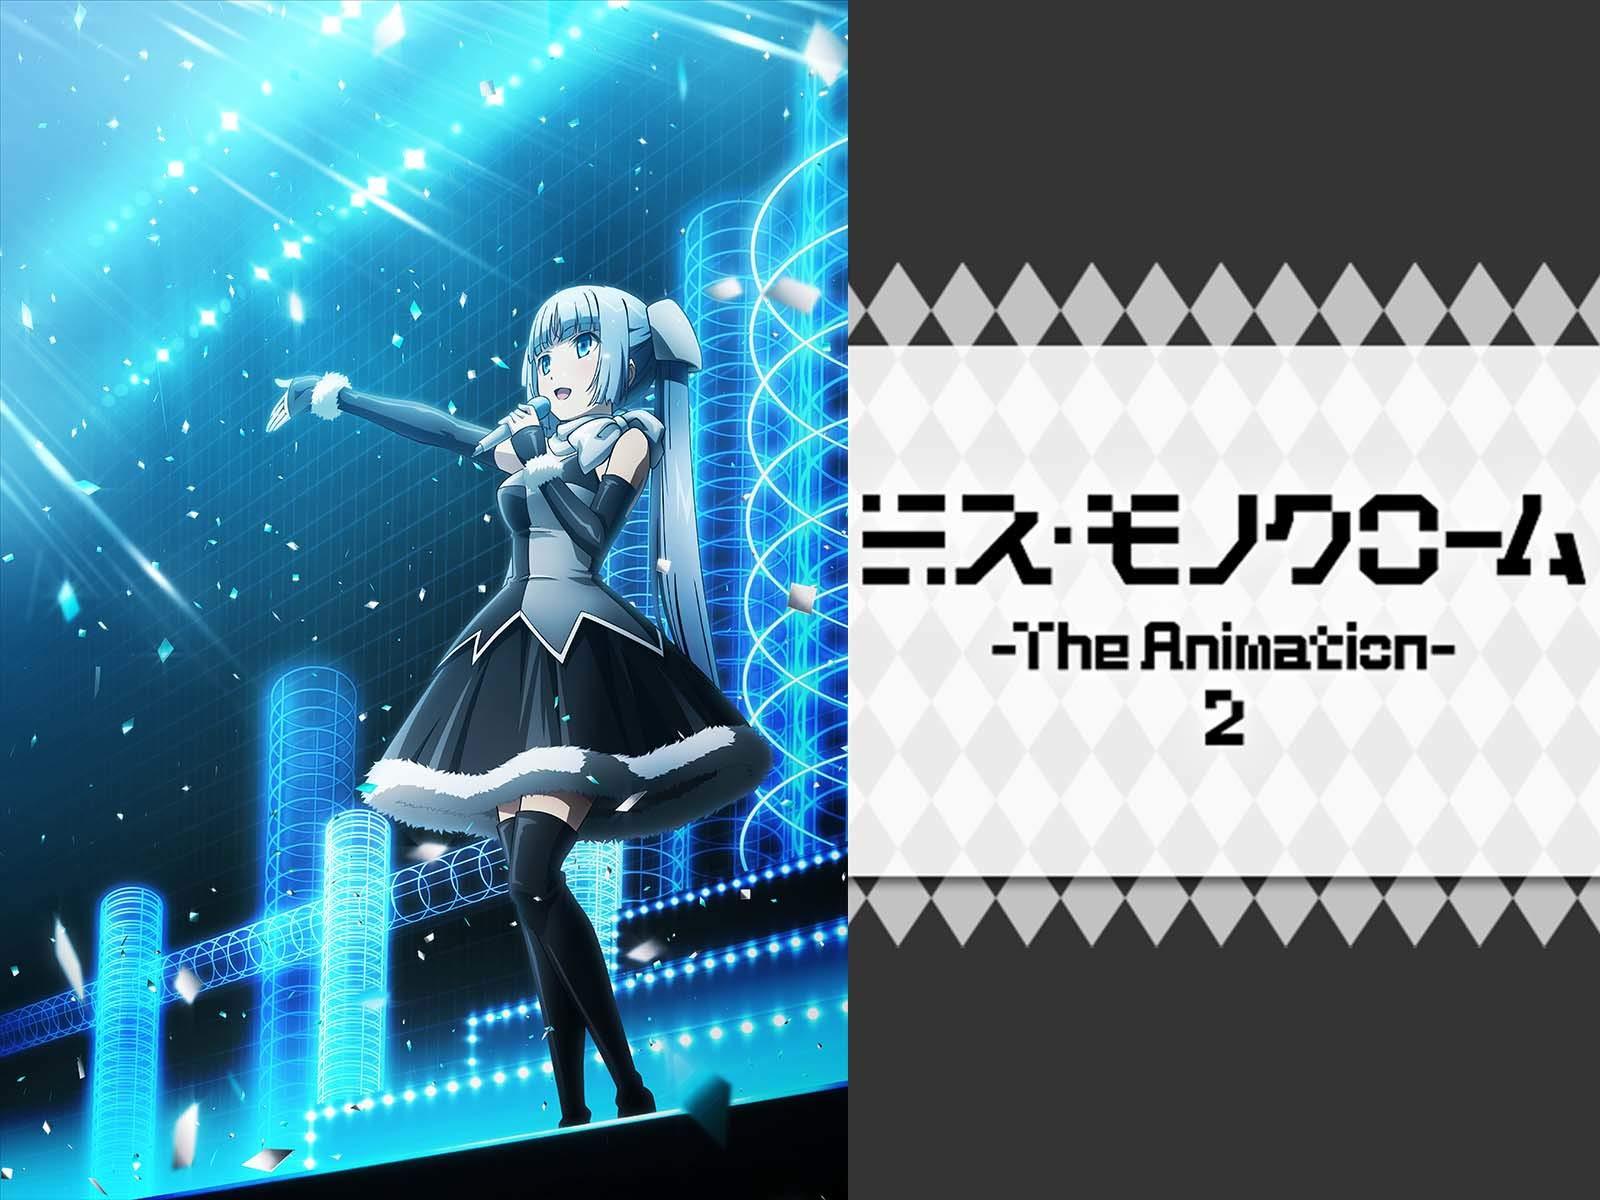 黑白小姐 第二季+第三季/Miss Monochrome: The Animation 2&3/ミス・モノクローム -The Animation- 2&3 [BD 1920x1080 HEVC-YUV420P10 FLAC][Snow-Raws]